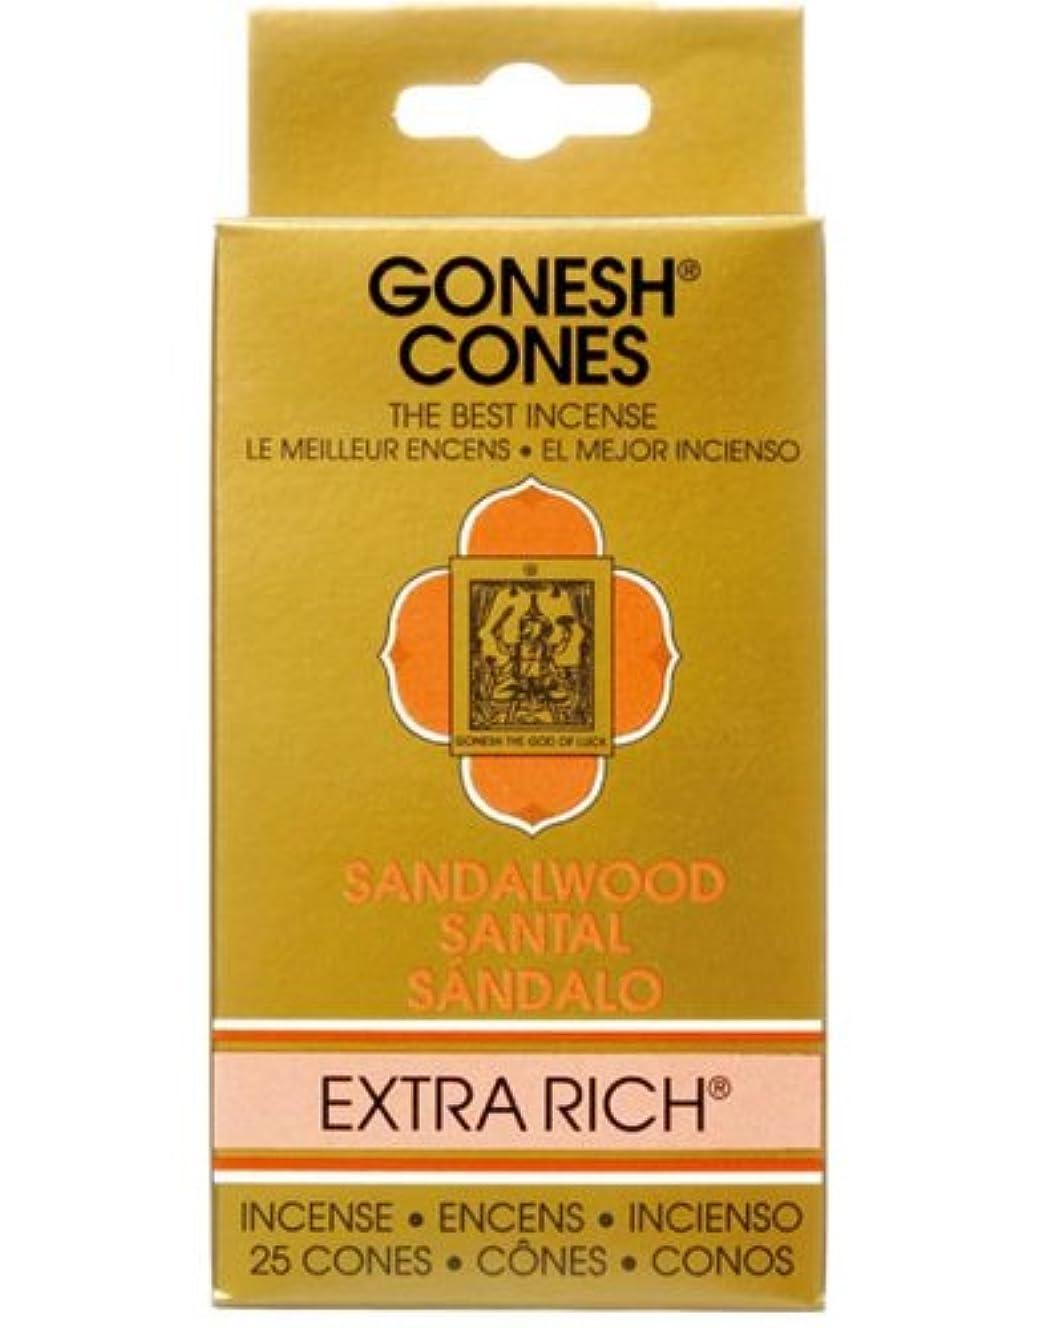 すすり泣きアドバイス悪のガーネッシュ(GONESH) エクストラリッチ インセンス コーン サンダルウッド(白檀) 25個入(お香)